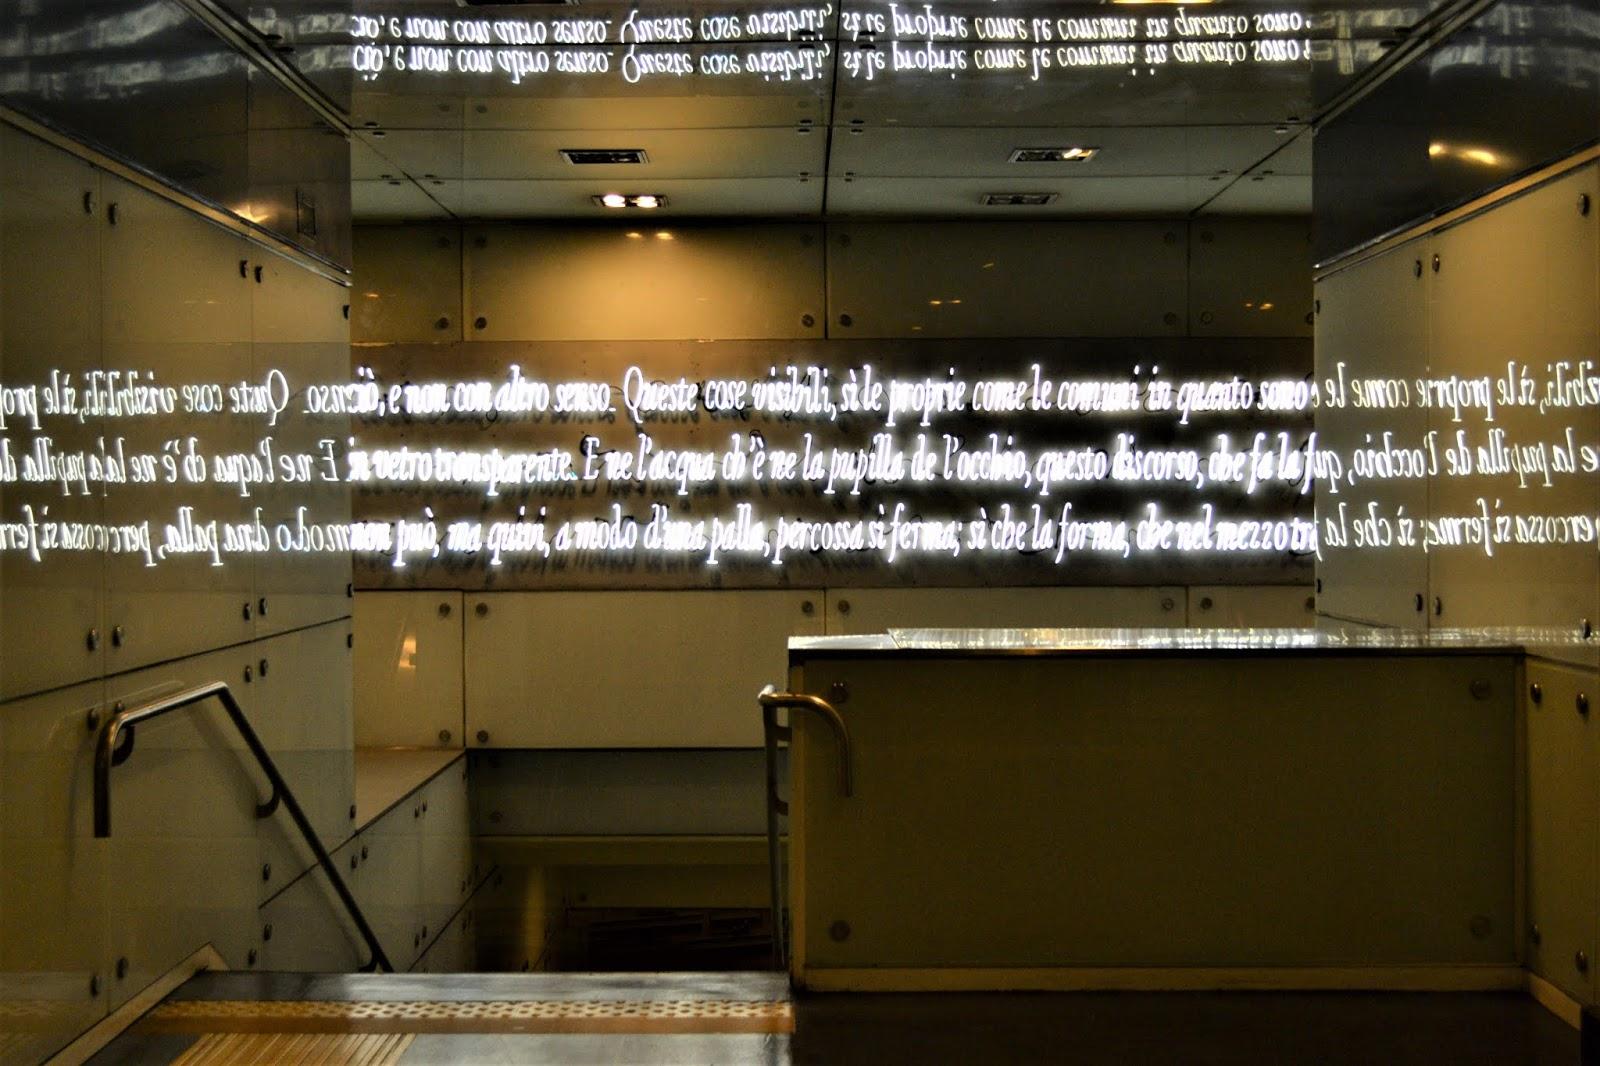 Joseph Kosuth-Queste cose visibili